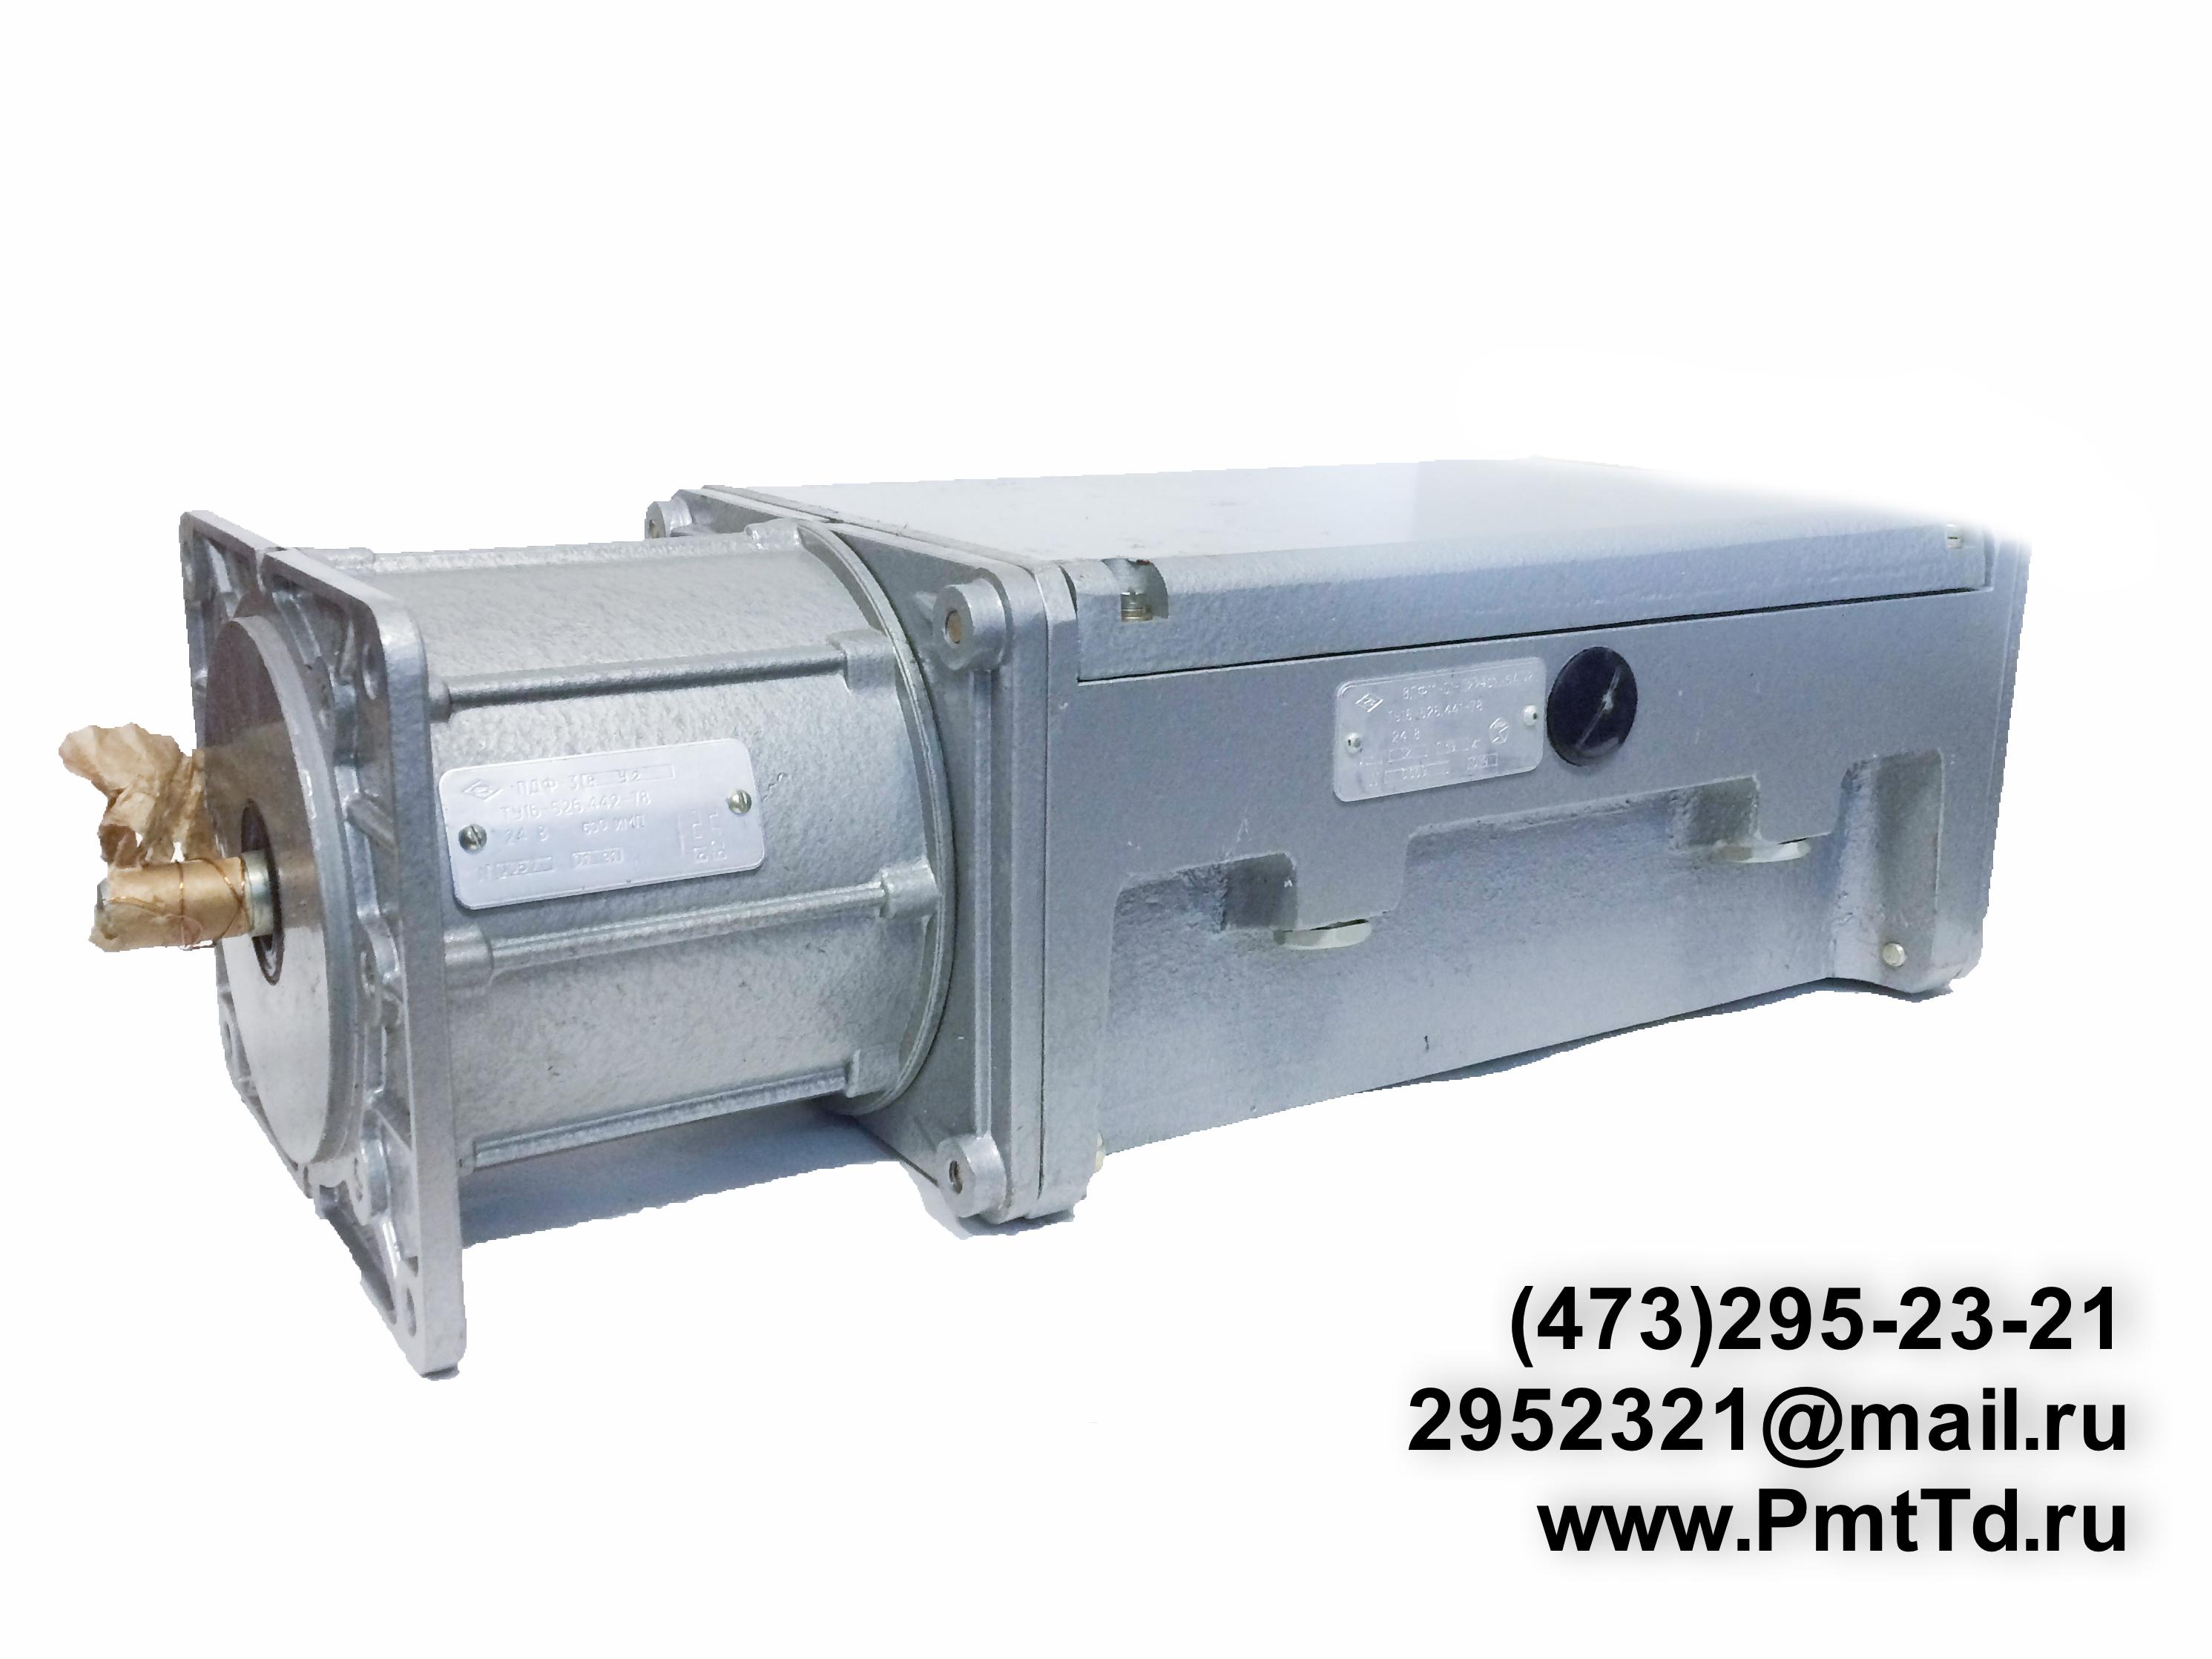 Выключатель путевой фотоэлектронный ВПФ 11-01-122401-54У2